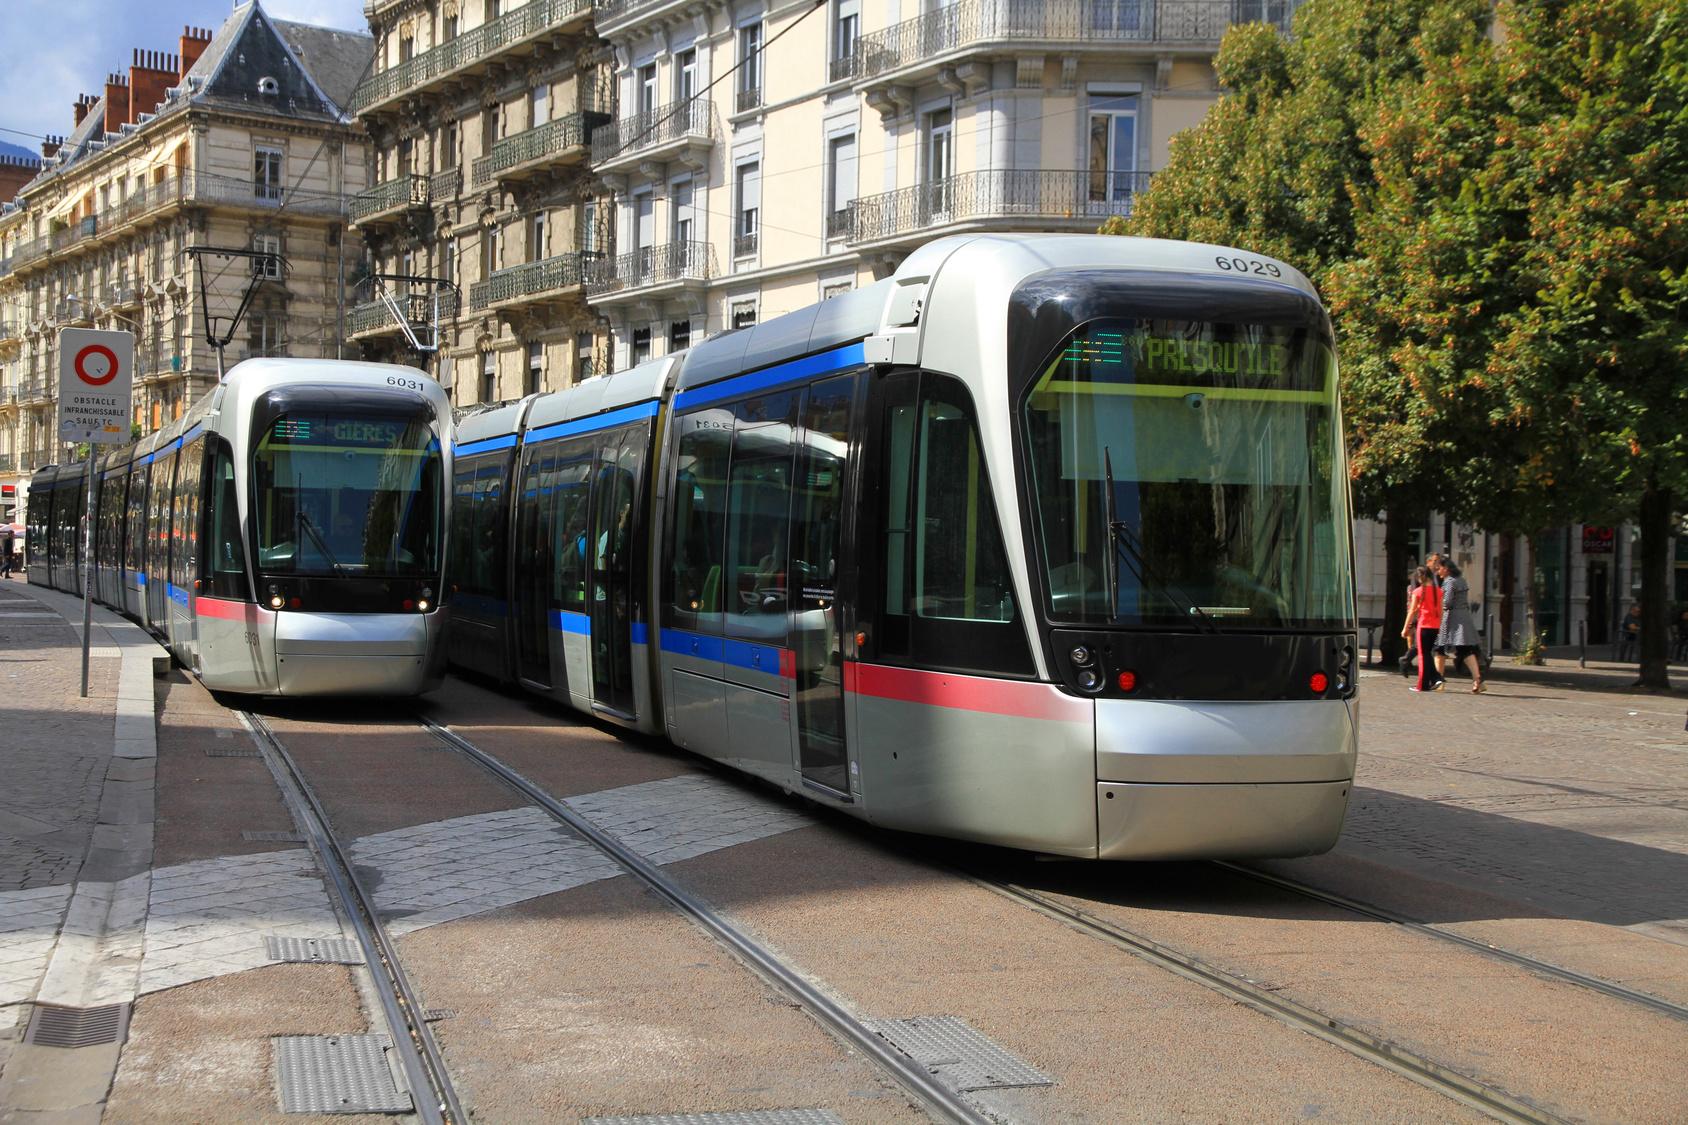 Le tramway et le permis de conduire